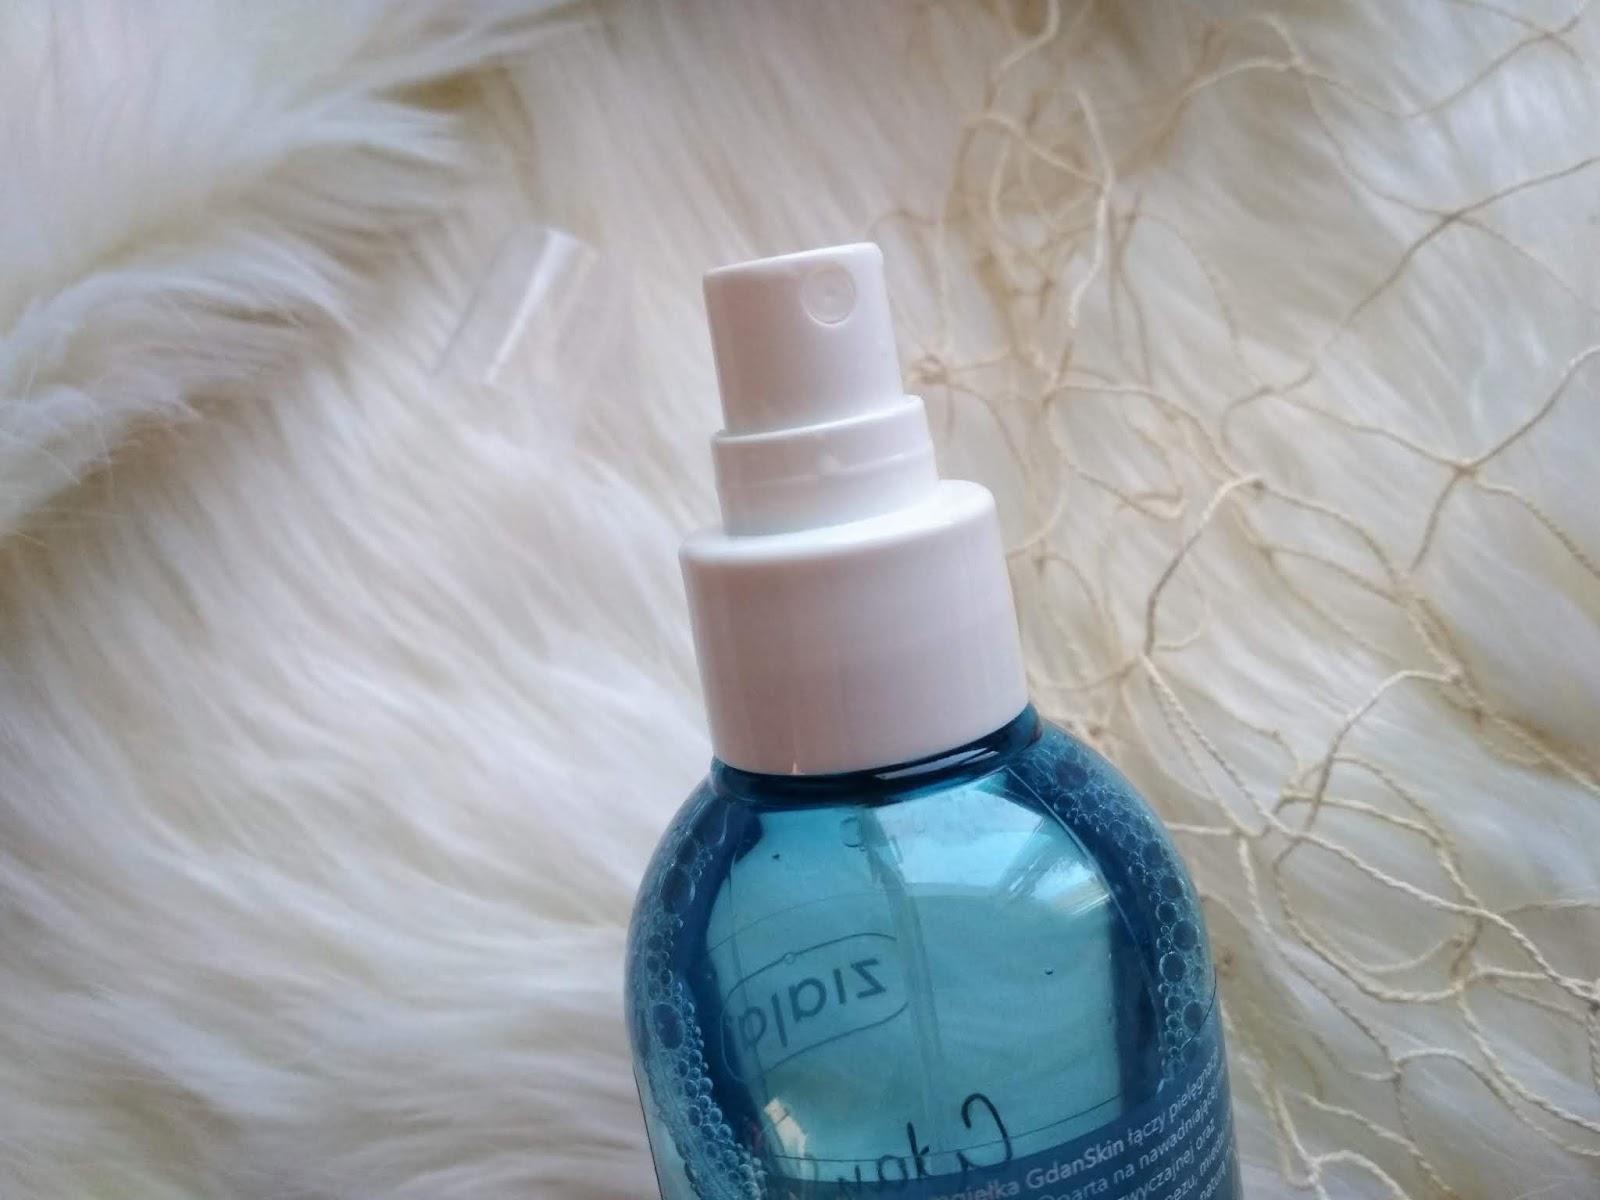 gdanskin, ziaja gdanskin, GdanSkin nawilżająca mgiełka zapachowa do twarzy i ciała, blog urodowy, nowości kosmetyczne